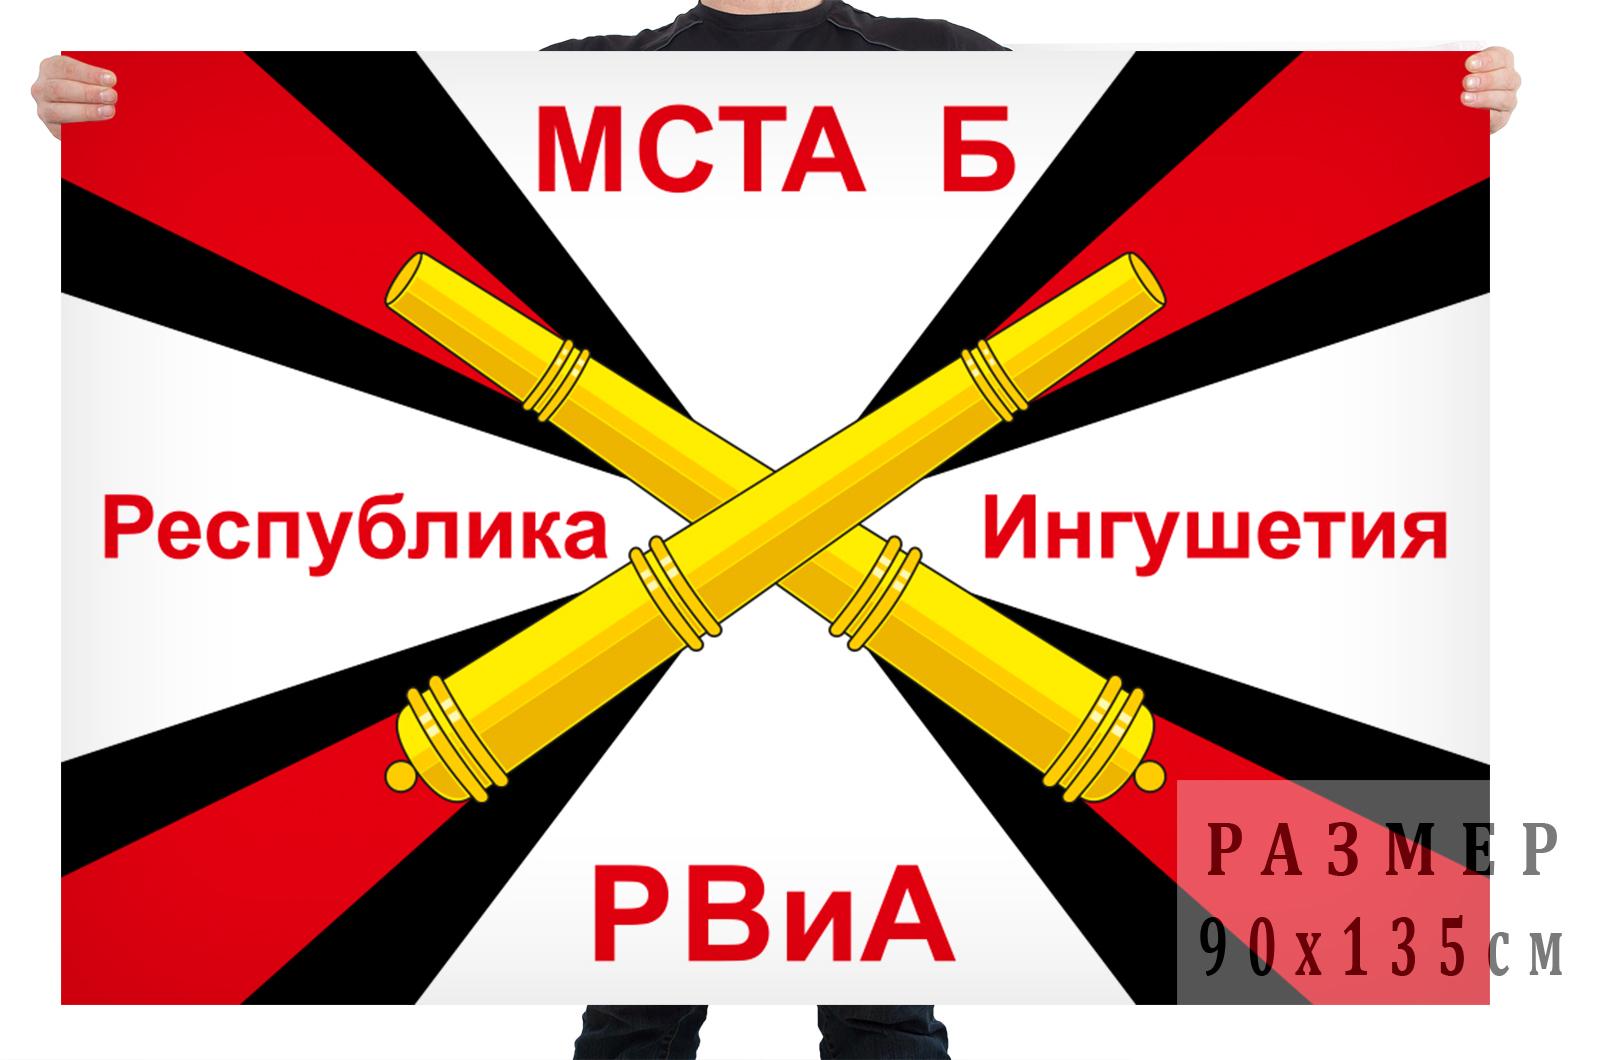 Недорогой большой флаг РВиА Мста-Б республика Ингушетия